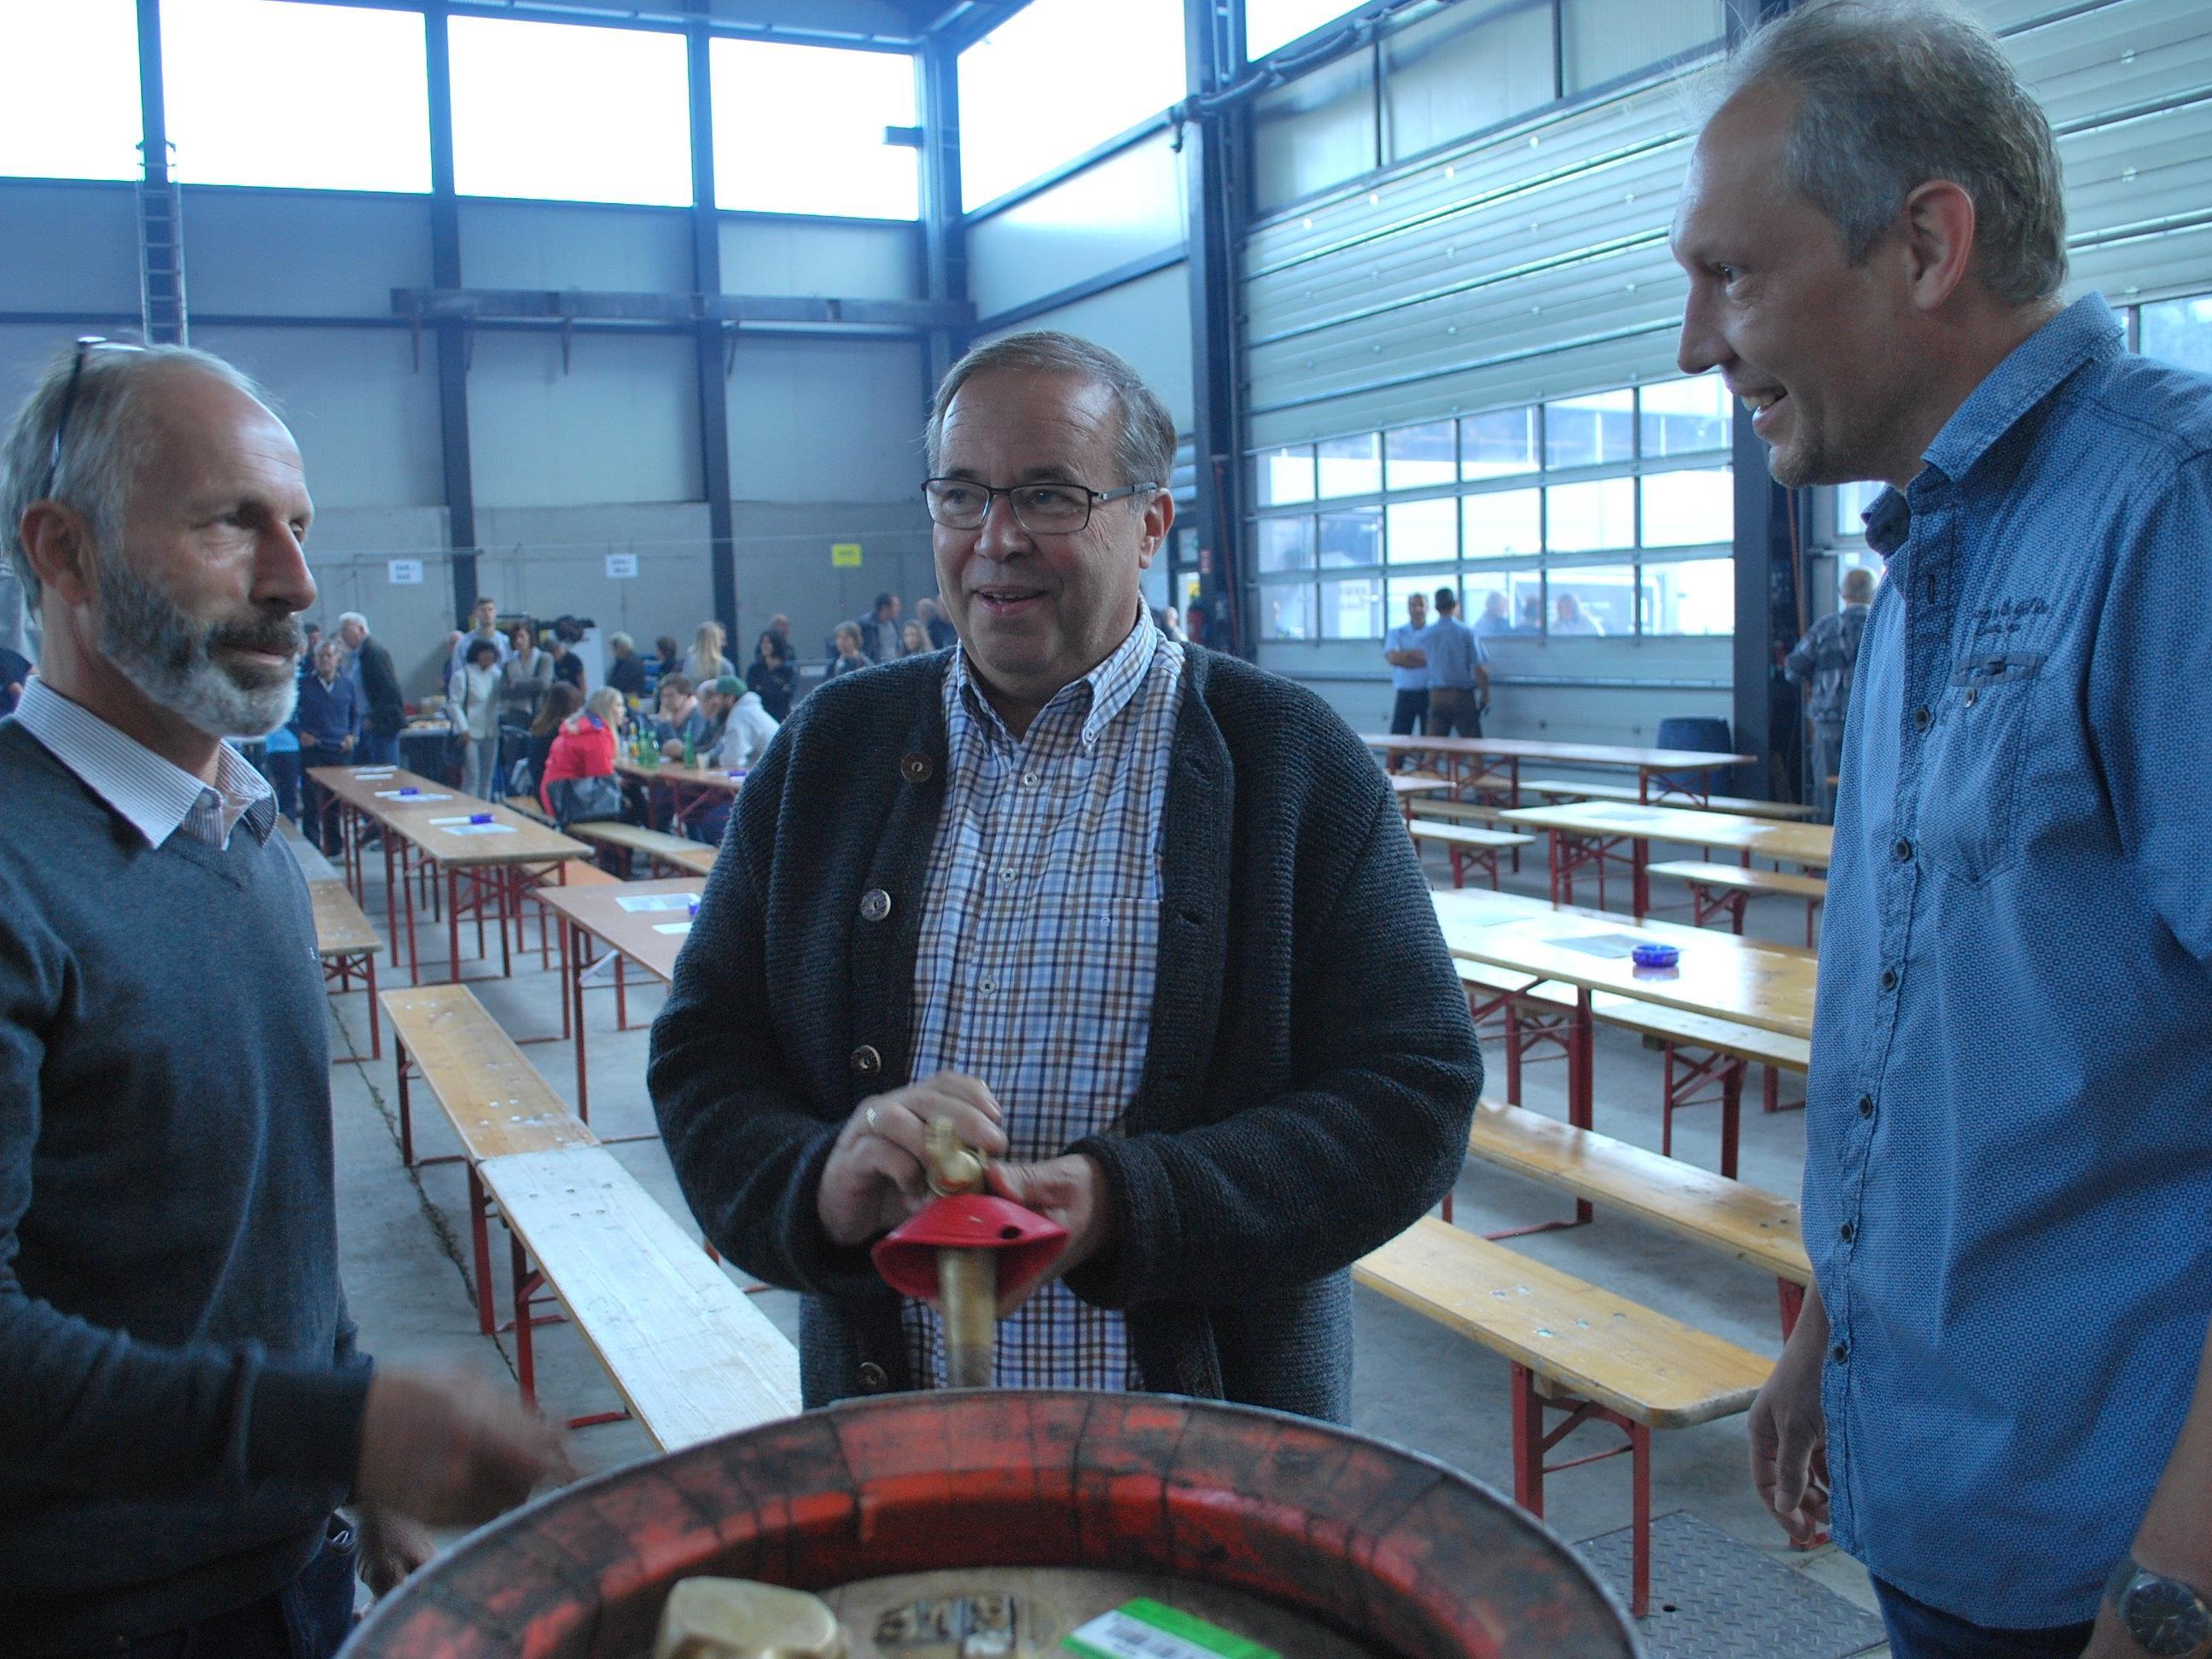 Beim Frühschoppen vor dem Fassanstich: Hans-Jörg Winsauer, Walter Pfanner, Bernd Winsauer (vl)